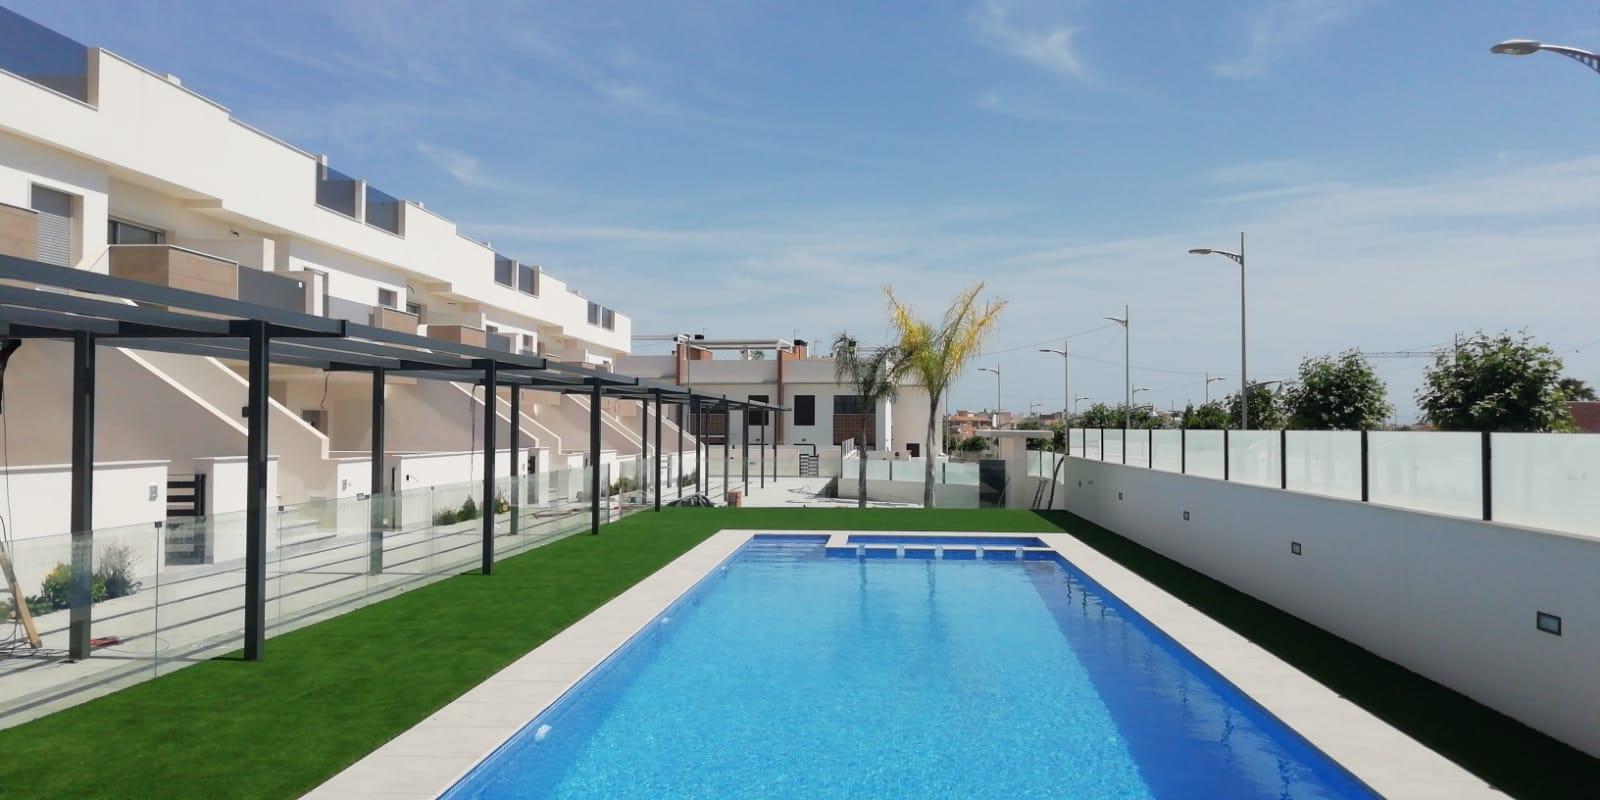 Appartementen in Pilar de la Horadada met dakterras